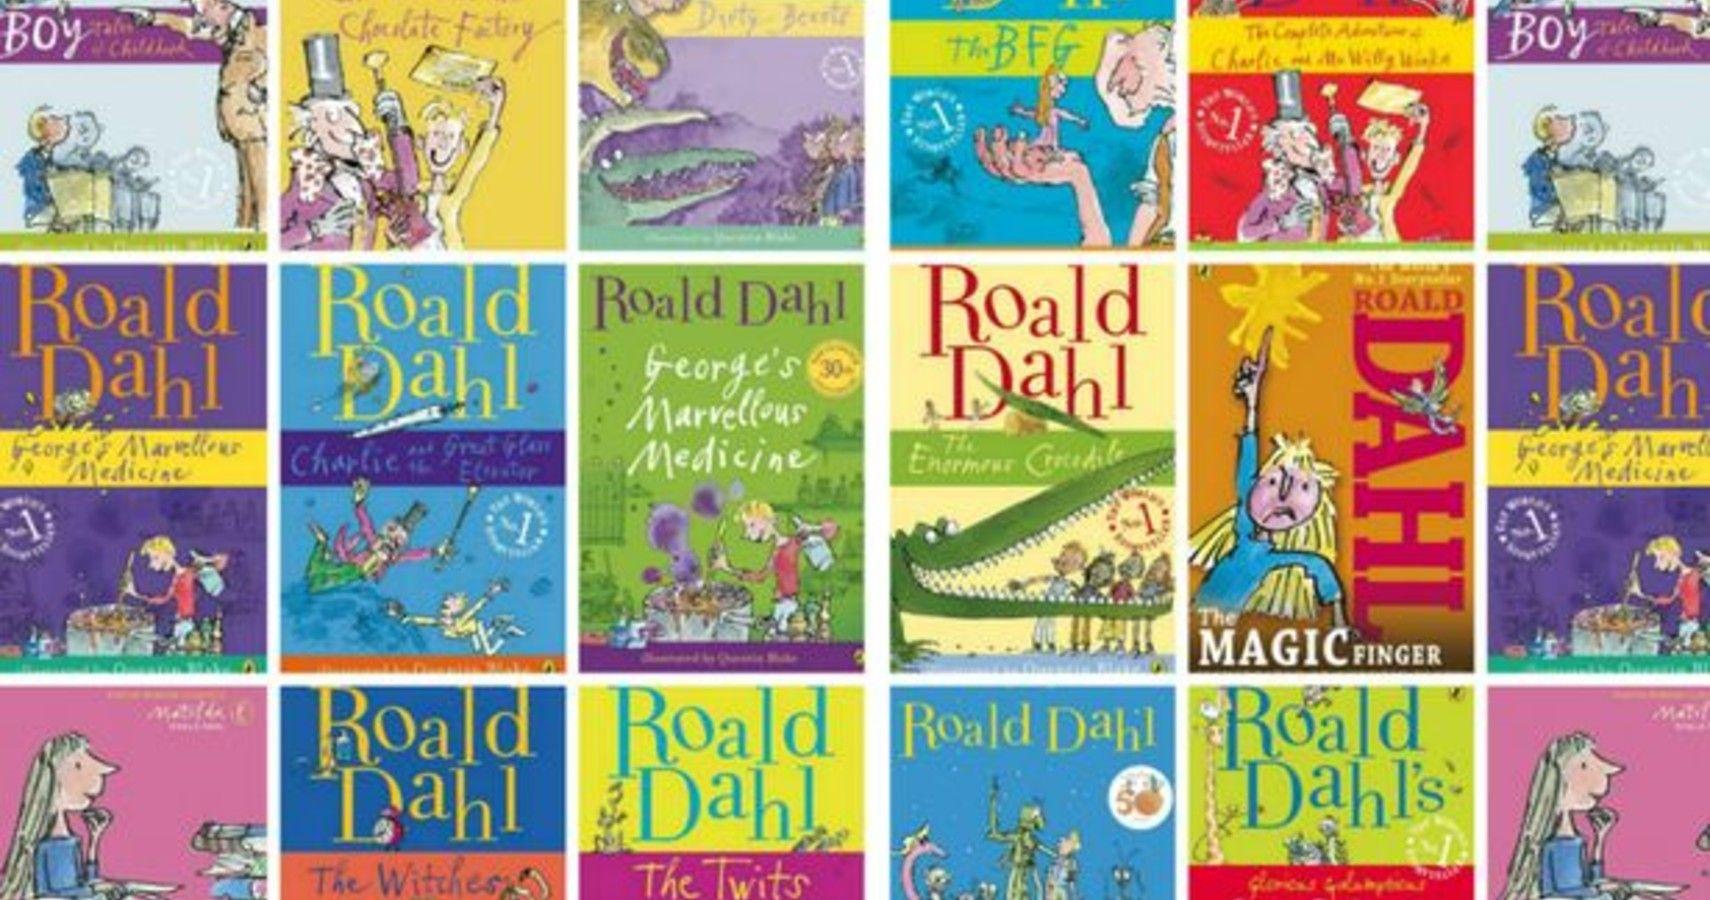 Familie Roald Dahl biedt excuses aan voor antisemitische uitlatingen